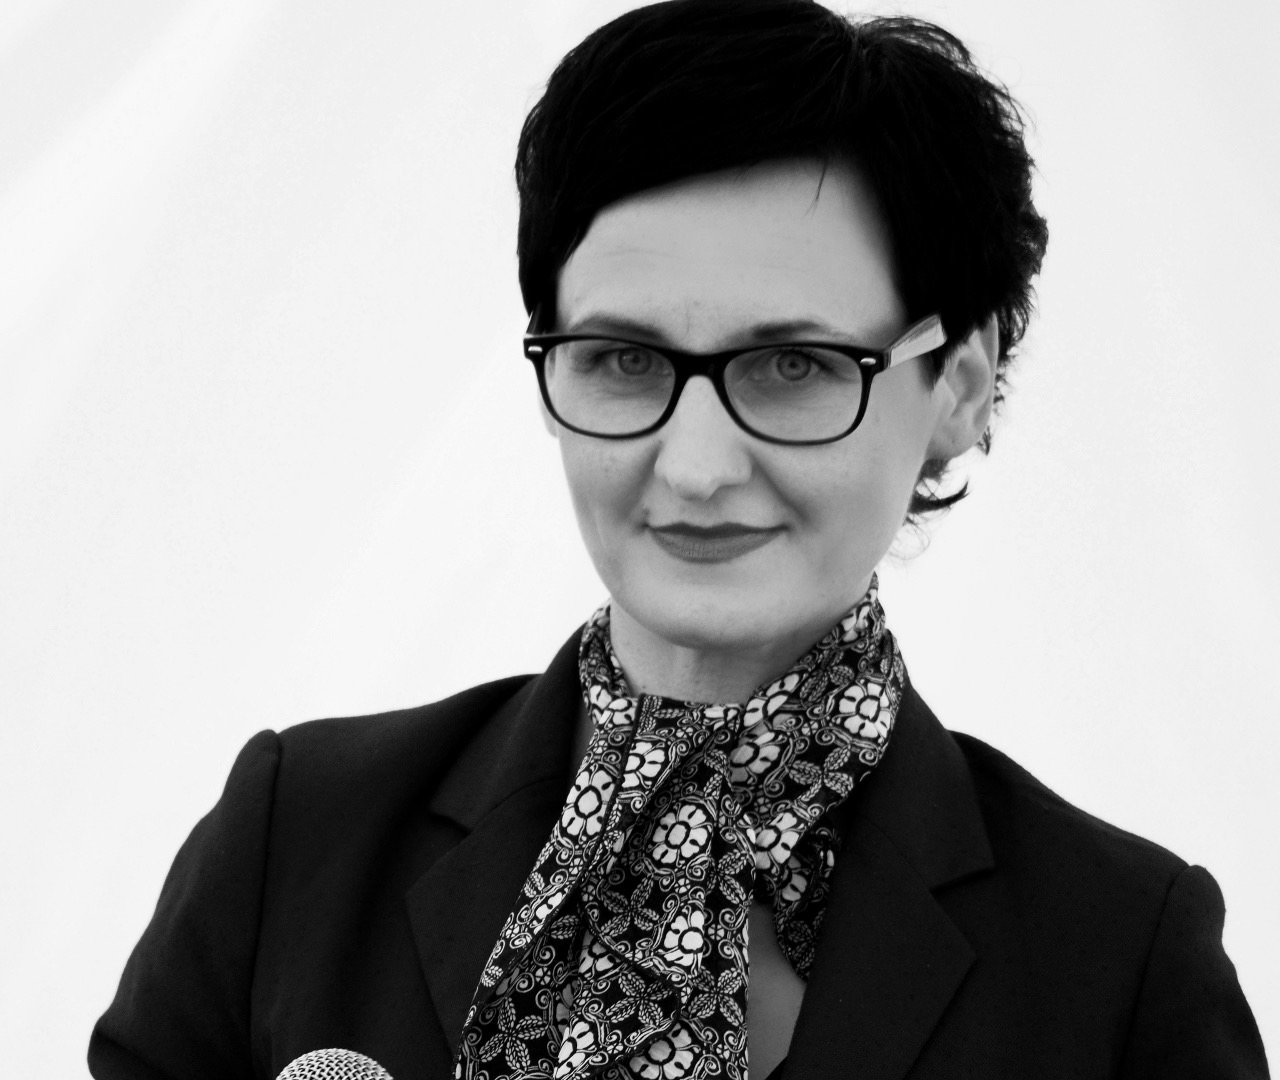 """Justyna Królak Quartet w ramach projektu """"Aleje tu się dzieje""""-10.08.2017r., godz. 19:00 na Placu im. W. Biegańskiego"""